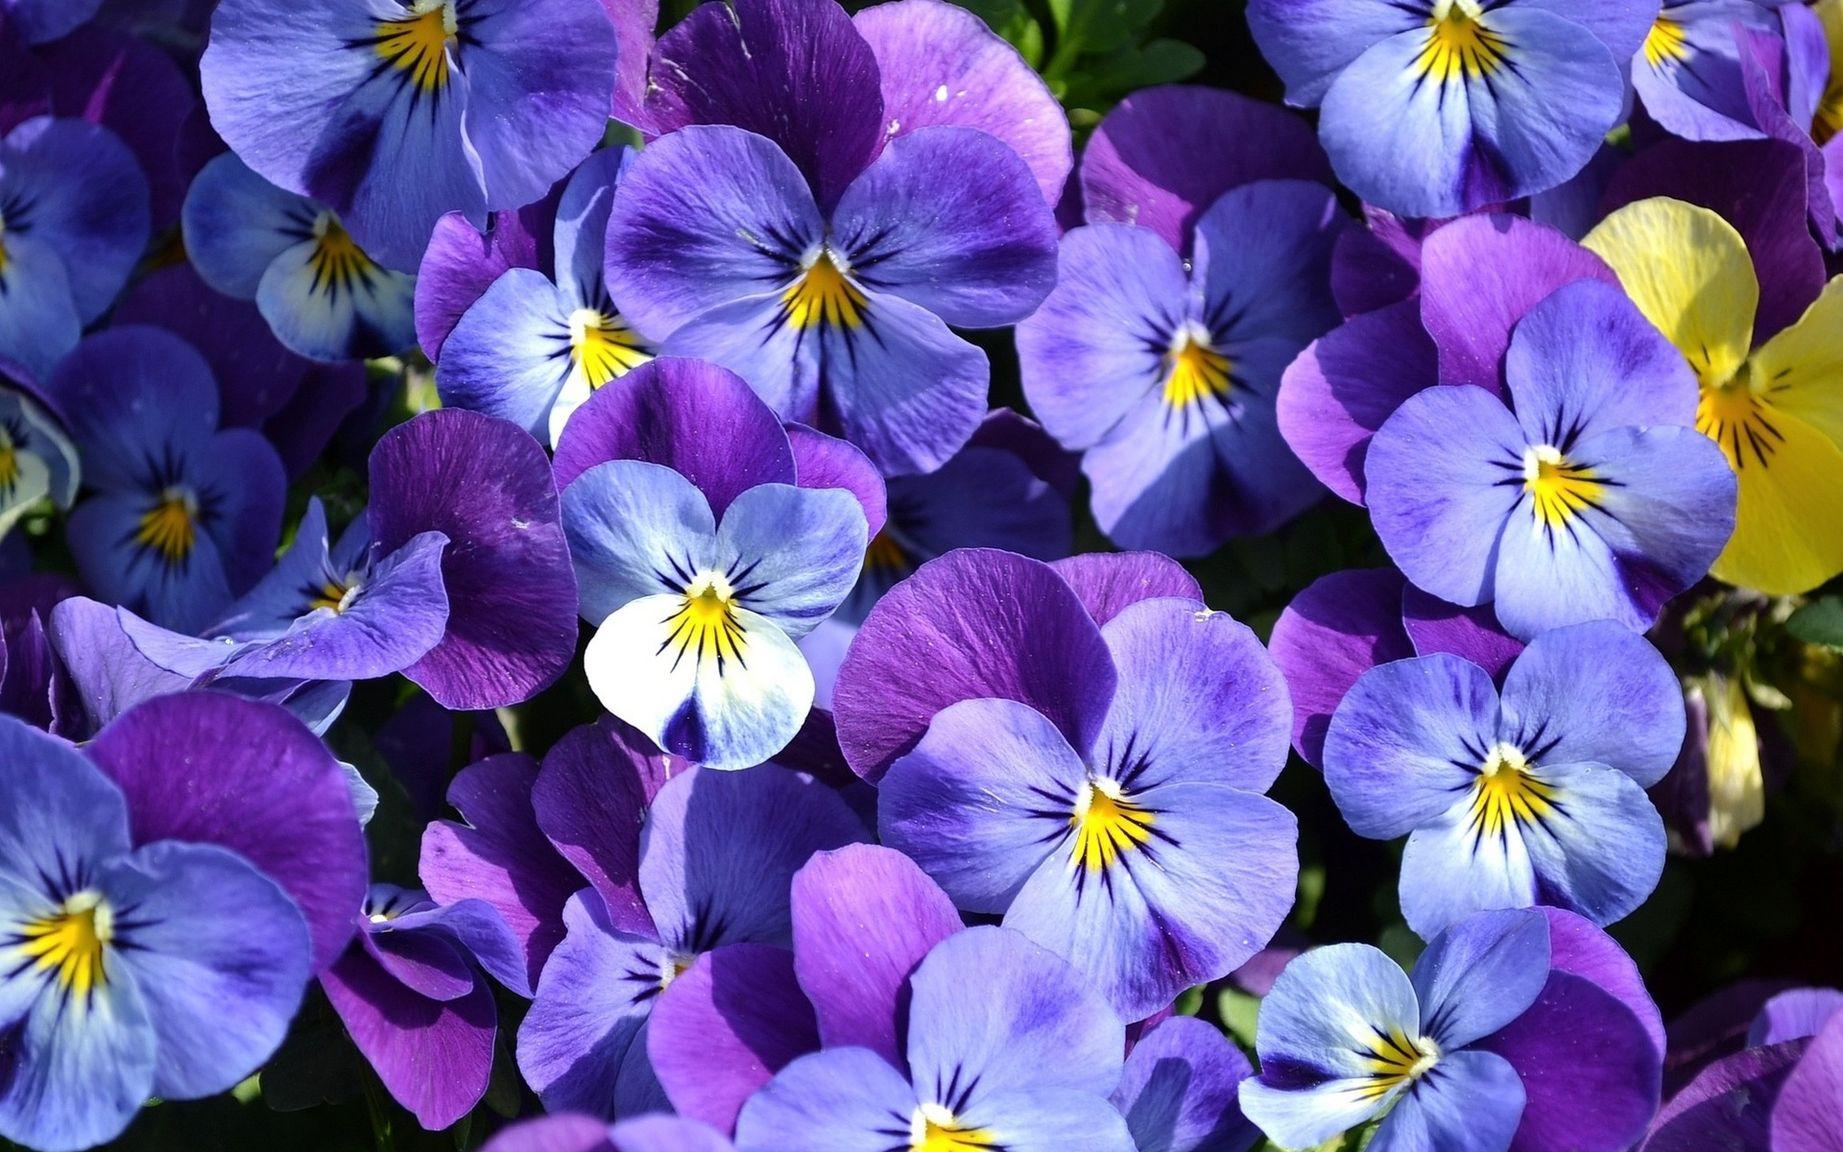 зайцы анютины глазки фото цветов хорошего разрешения таких